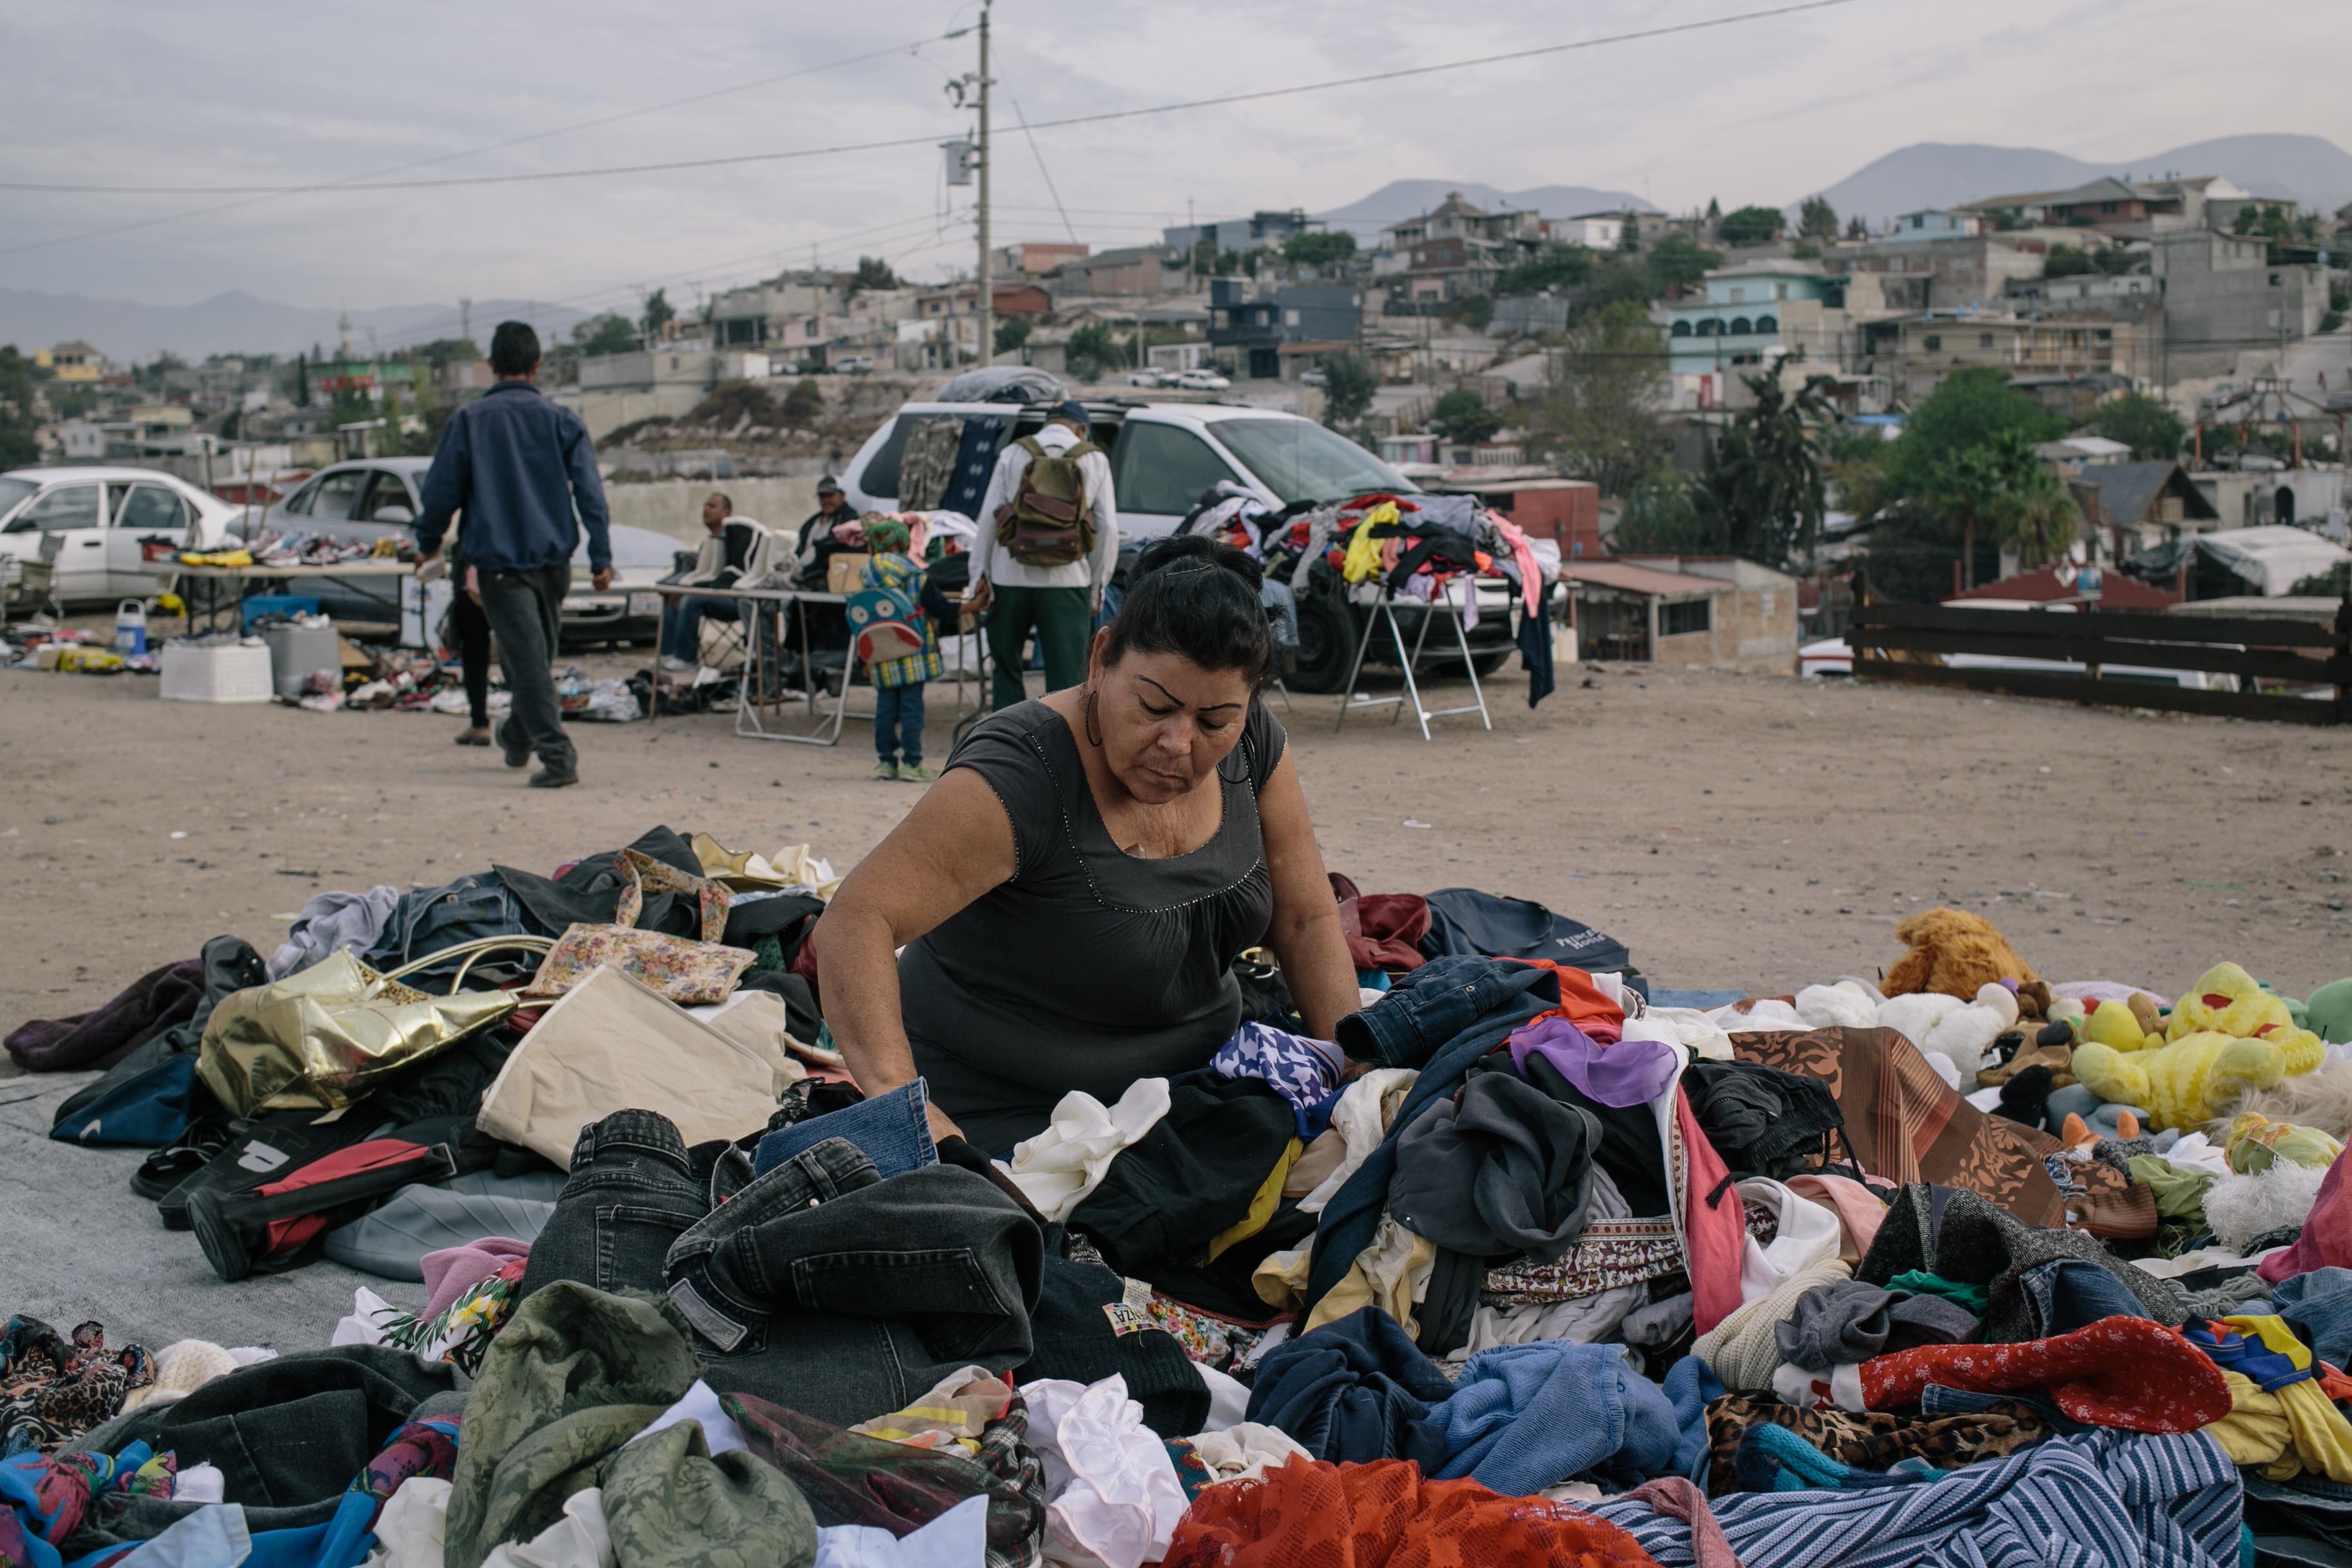 6575748d05d55 Contrabando de ropa usada de los Estados Unidos en la frontera EE.UU.-México  - Racked